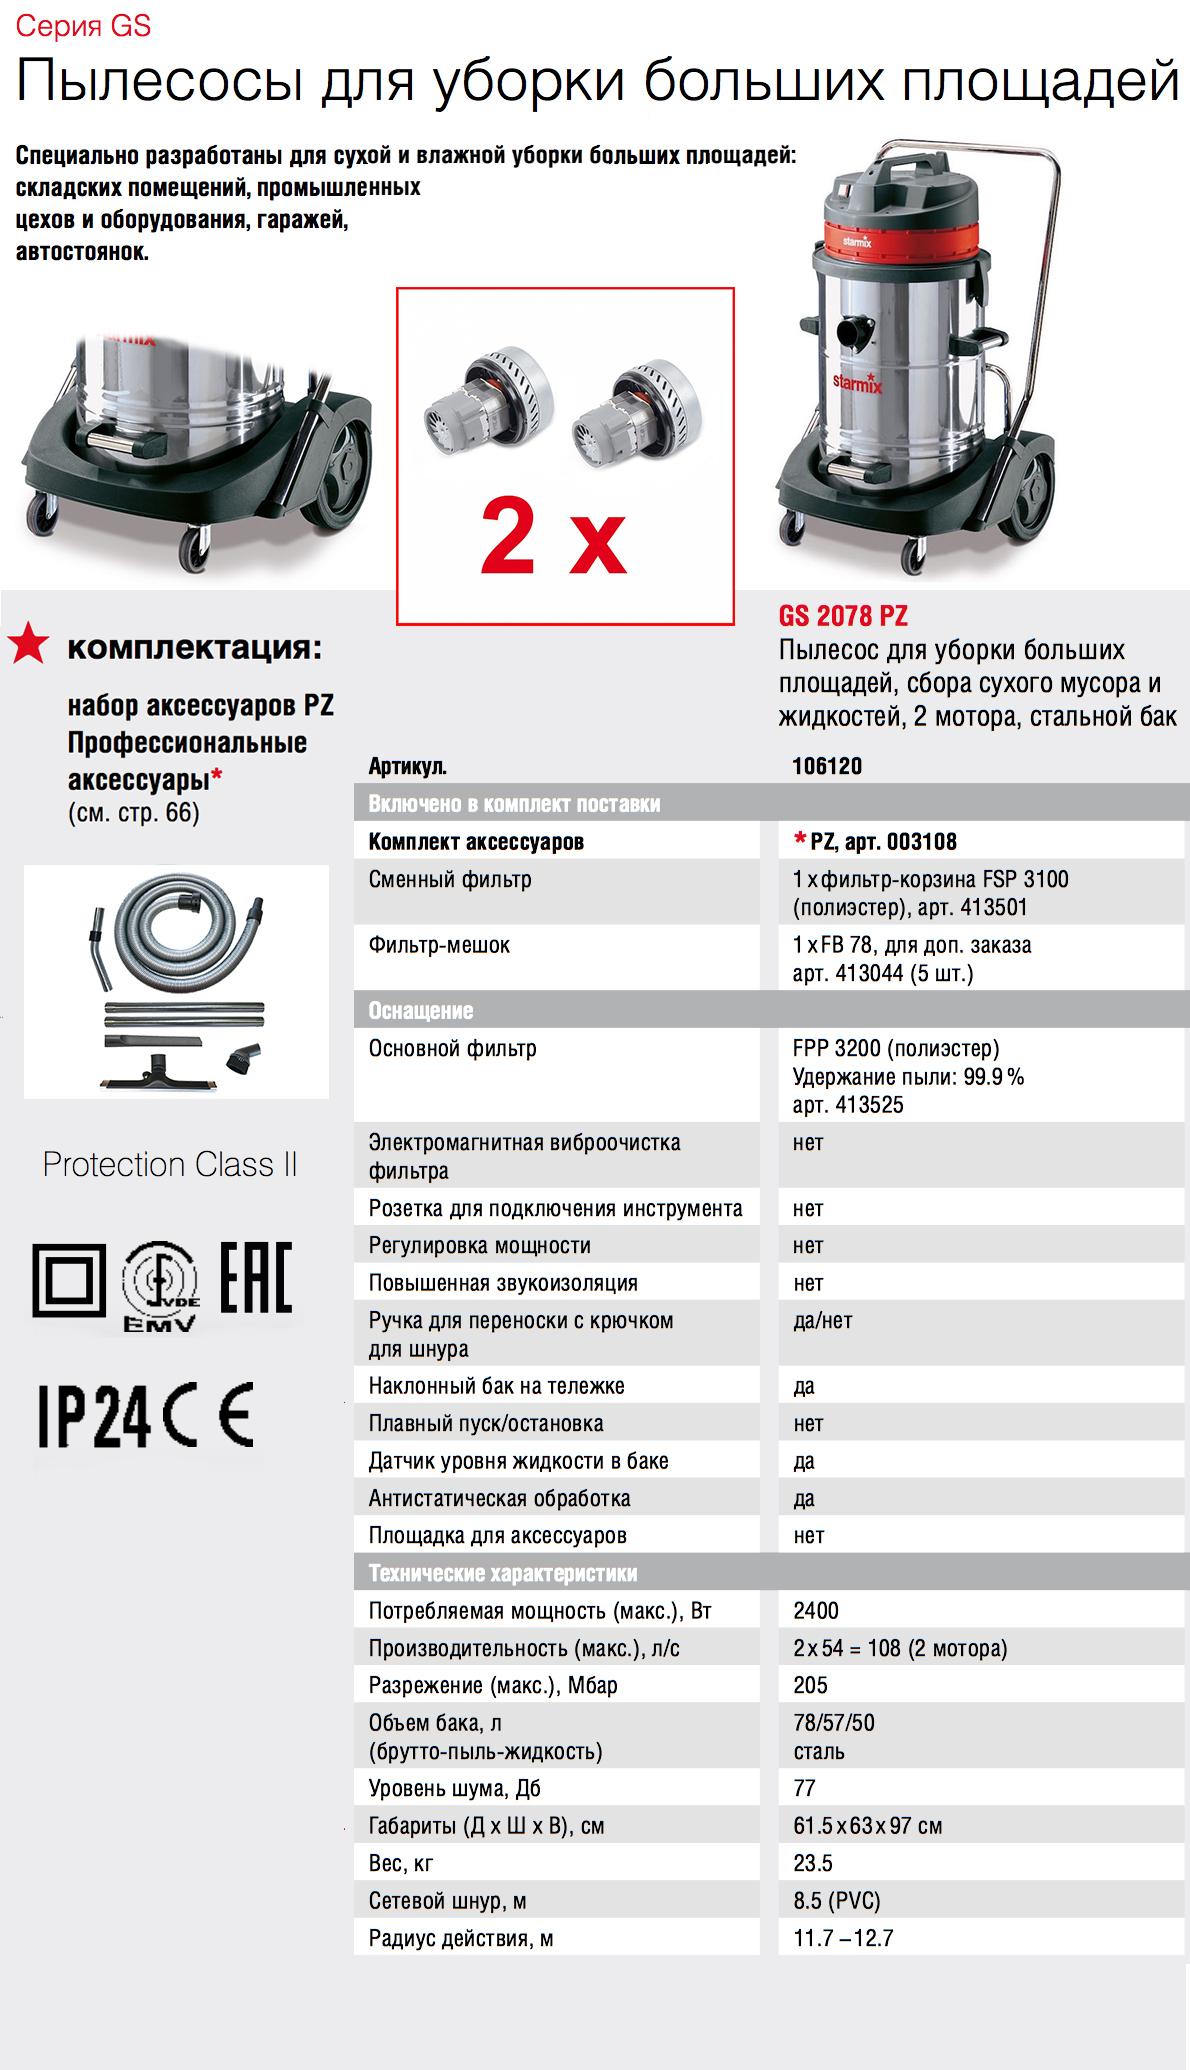 Промышленный пылесос с двумя моторами Starmix GS 2078 PZ